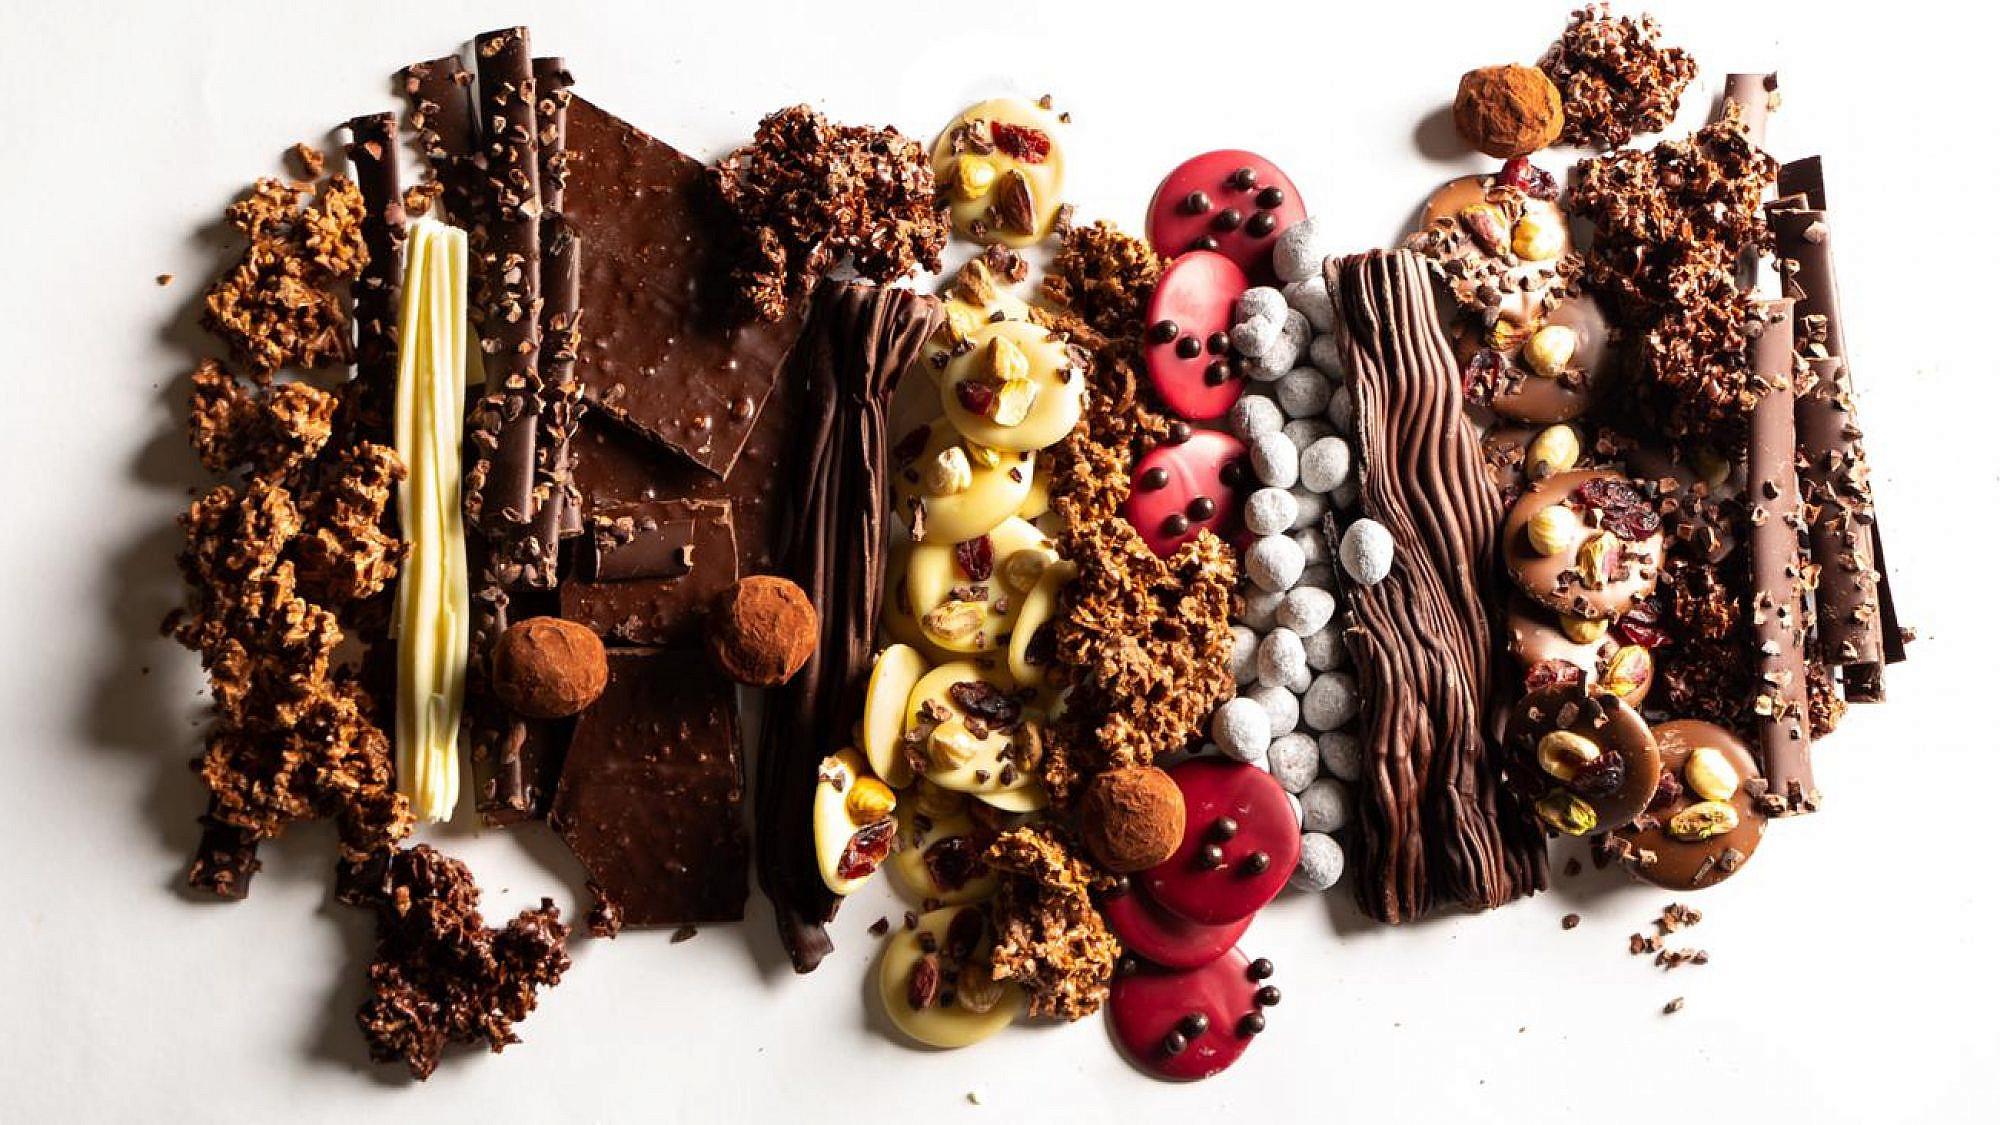 השוקולד של ג'וליקה. צילום: שני בריל